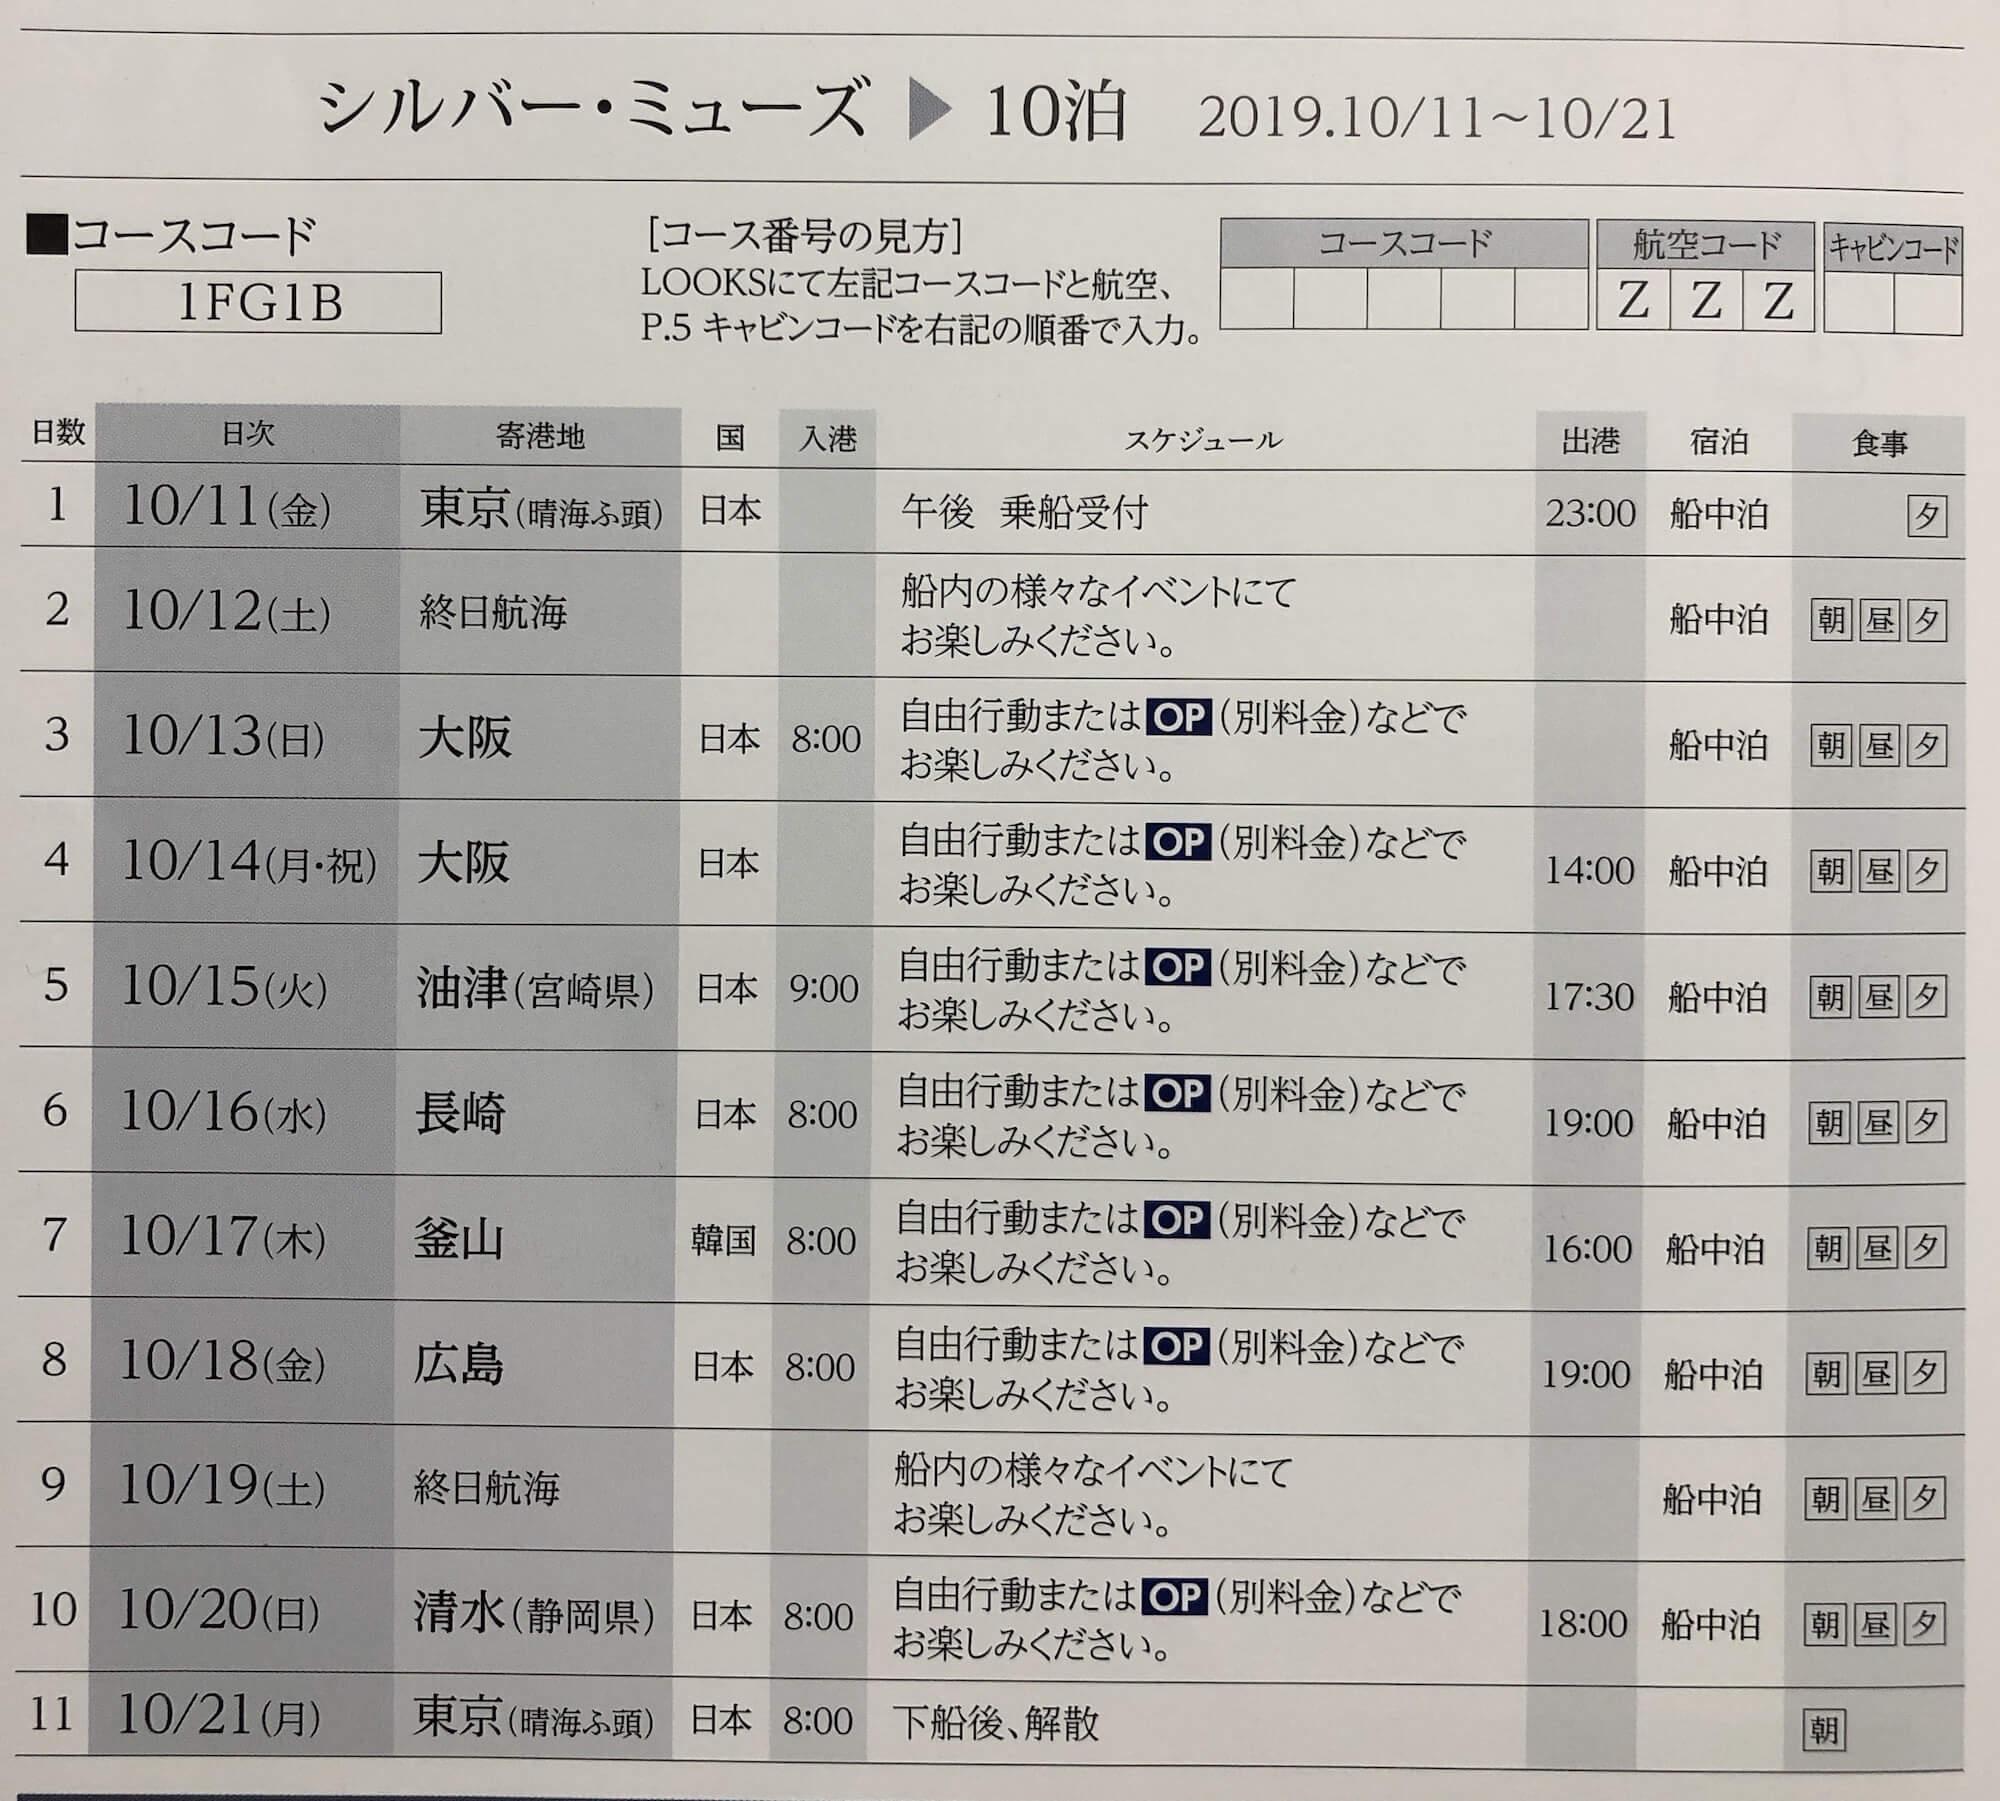 シルバーミューズ日本発着クルーズコース